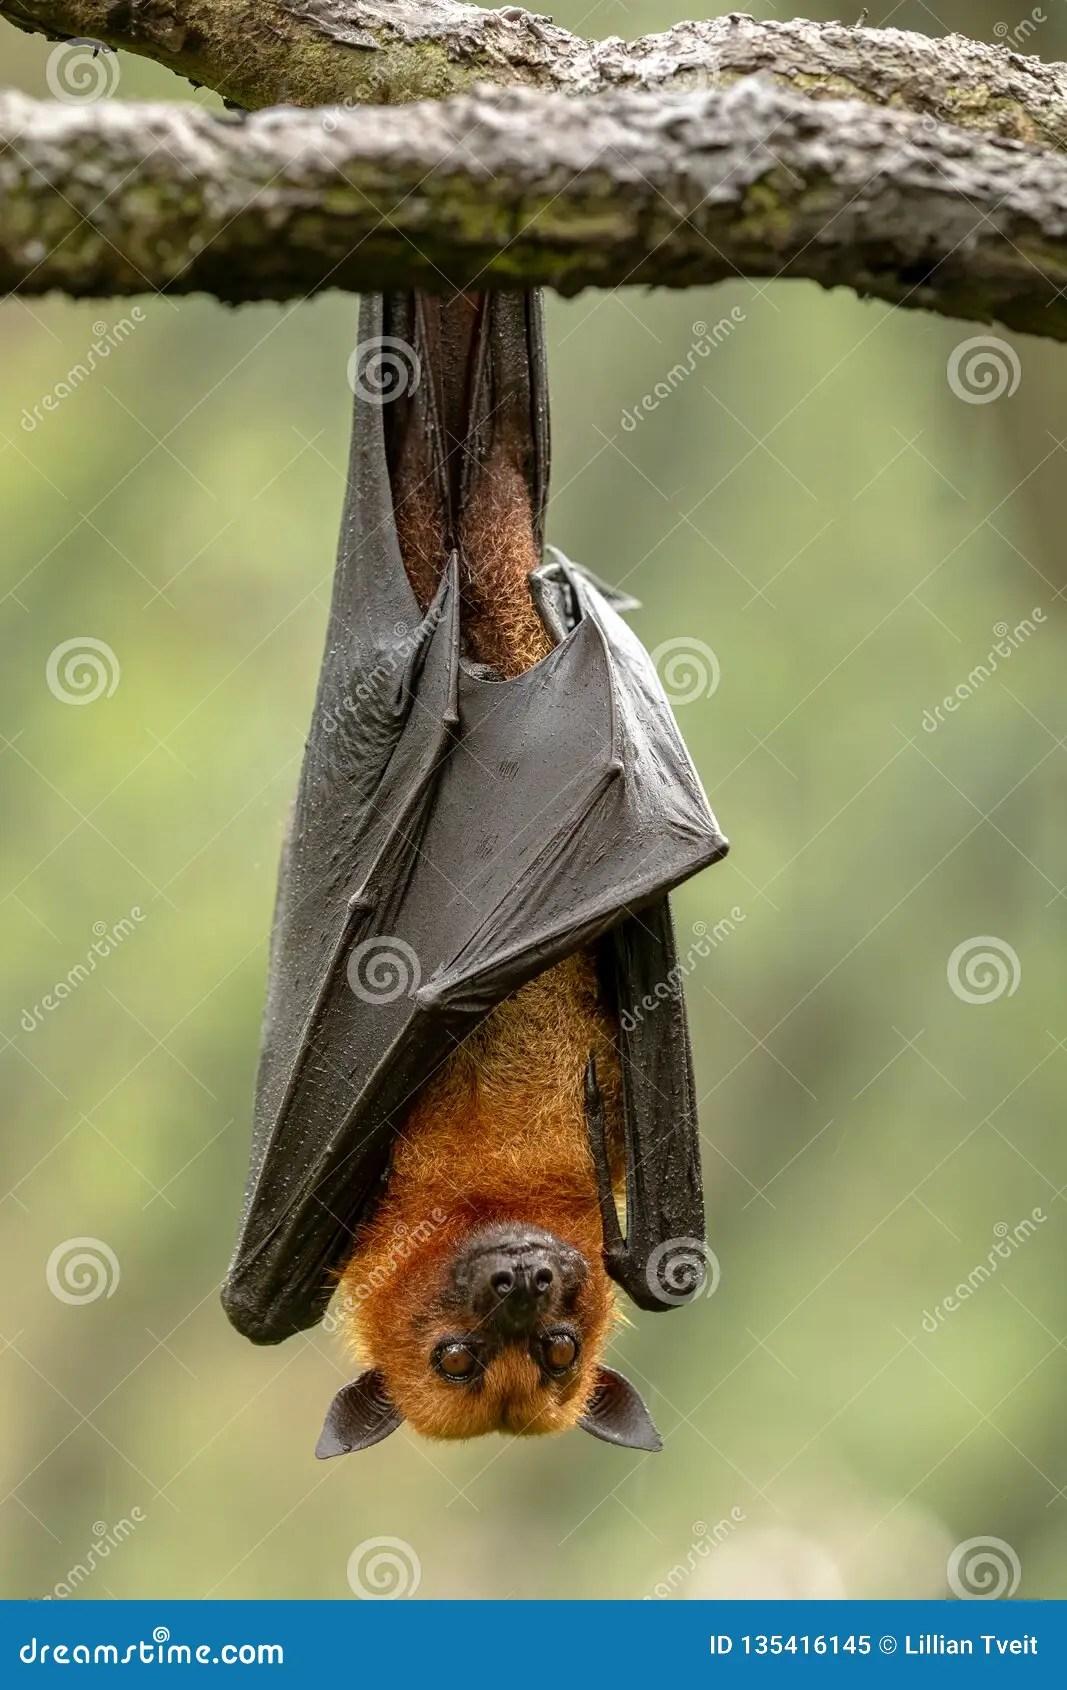 果蝠 狐蝠屬 庫存照片 - 下載 336 免版稅圖像